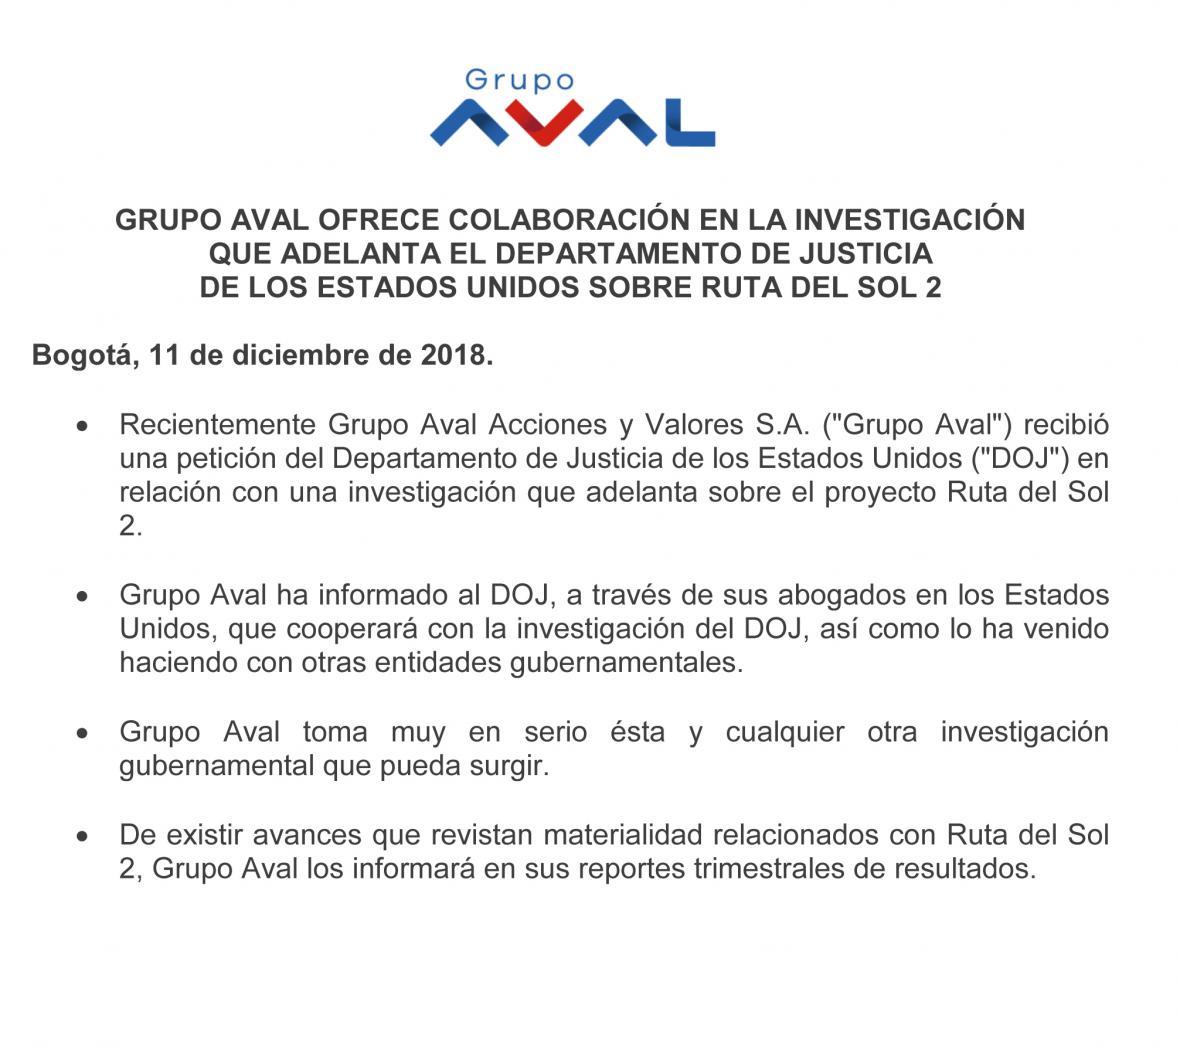 Grupo Aval, dispuesto a colaborar con autoridades de EE. UU